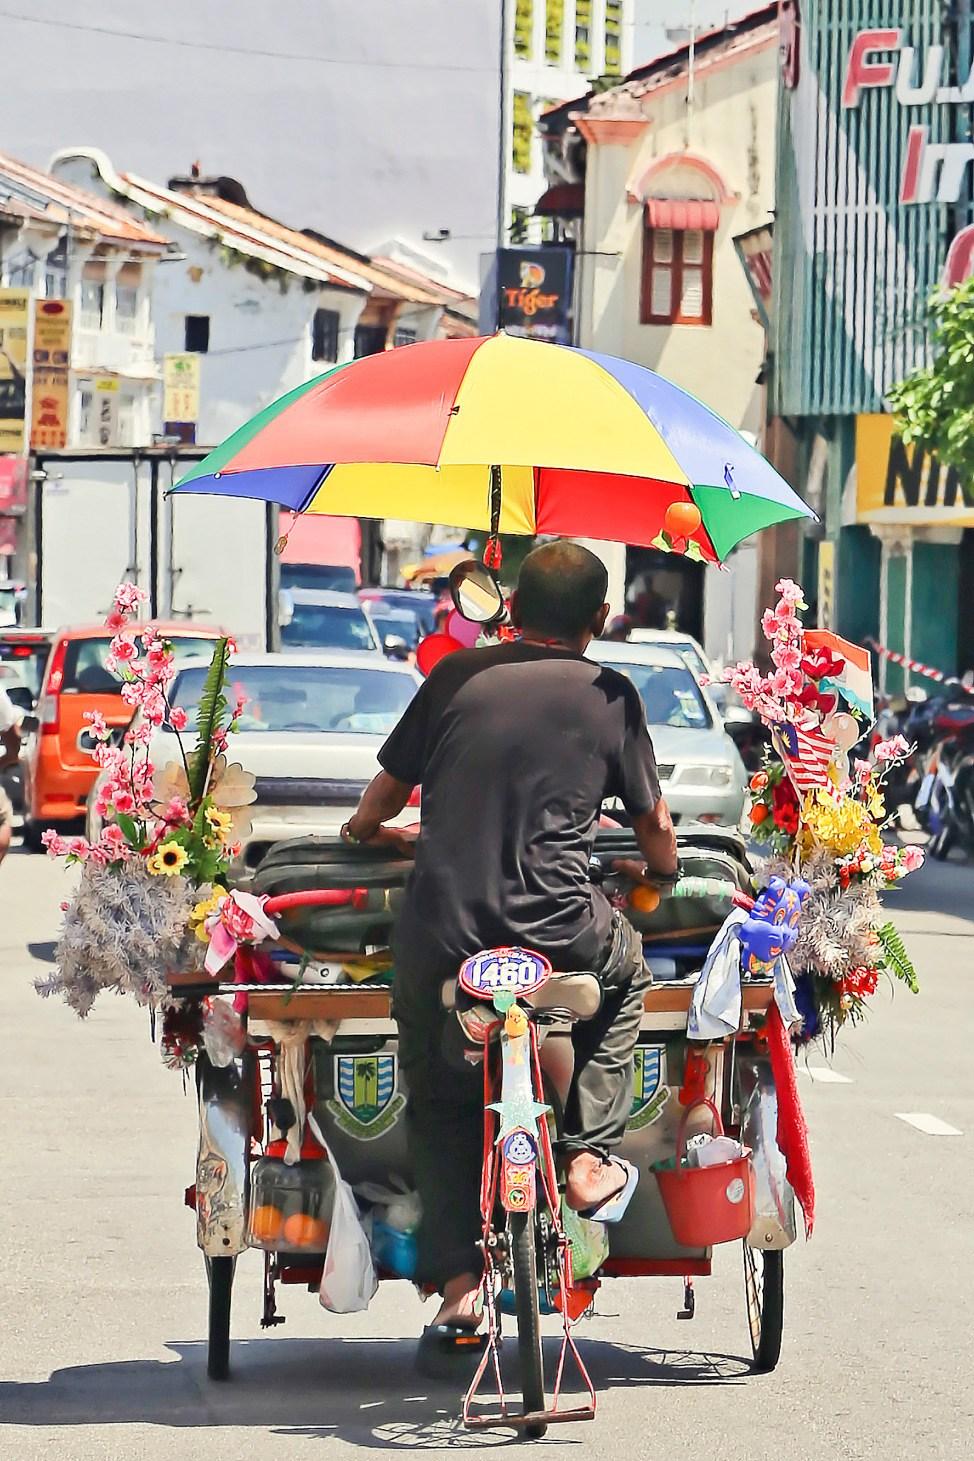 Penang Travel Blog